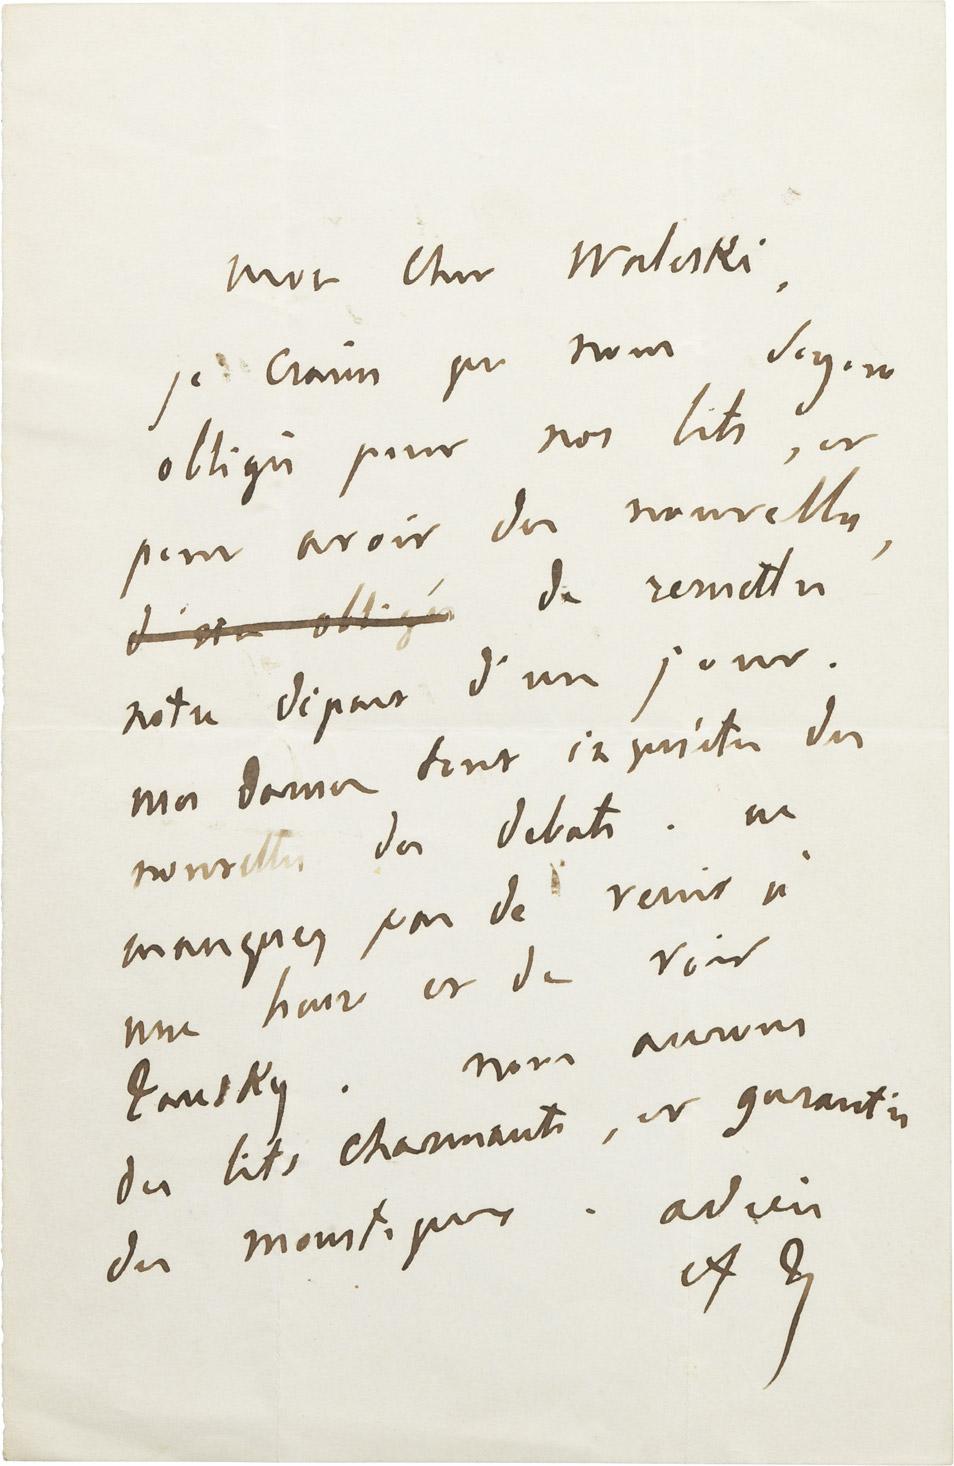 Lettre d'Adolphe Thiers à Alexandre I Walewski. - Patrimoine Charles-André COLONNA WALEWSKI, en ligne directe de Napoléon